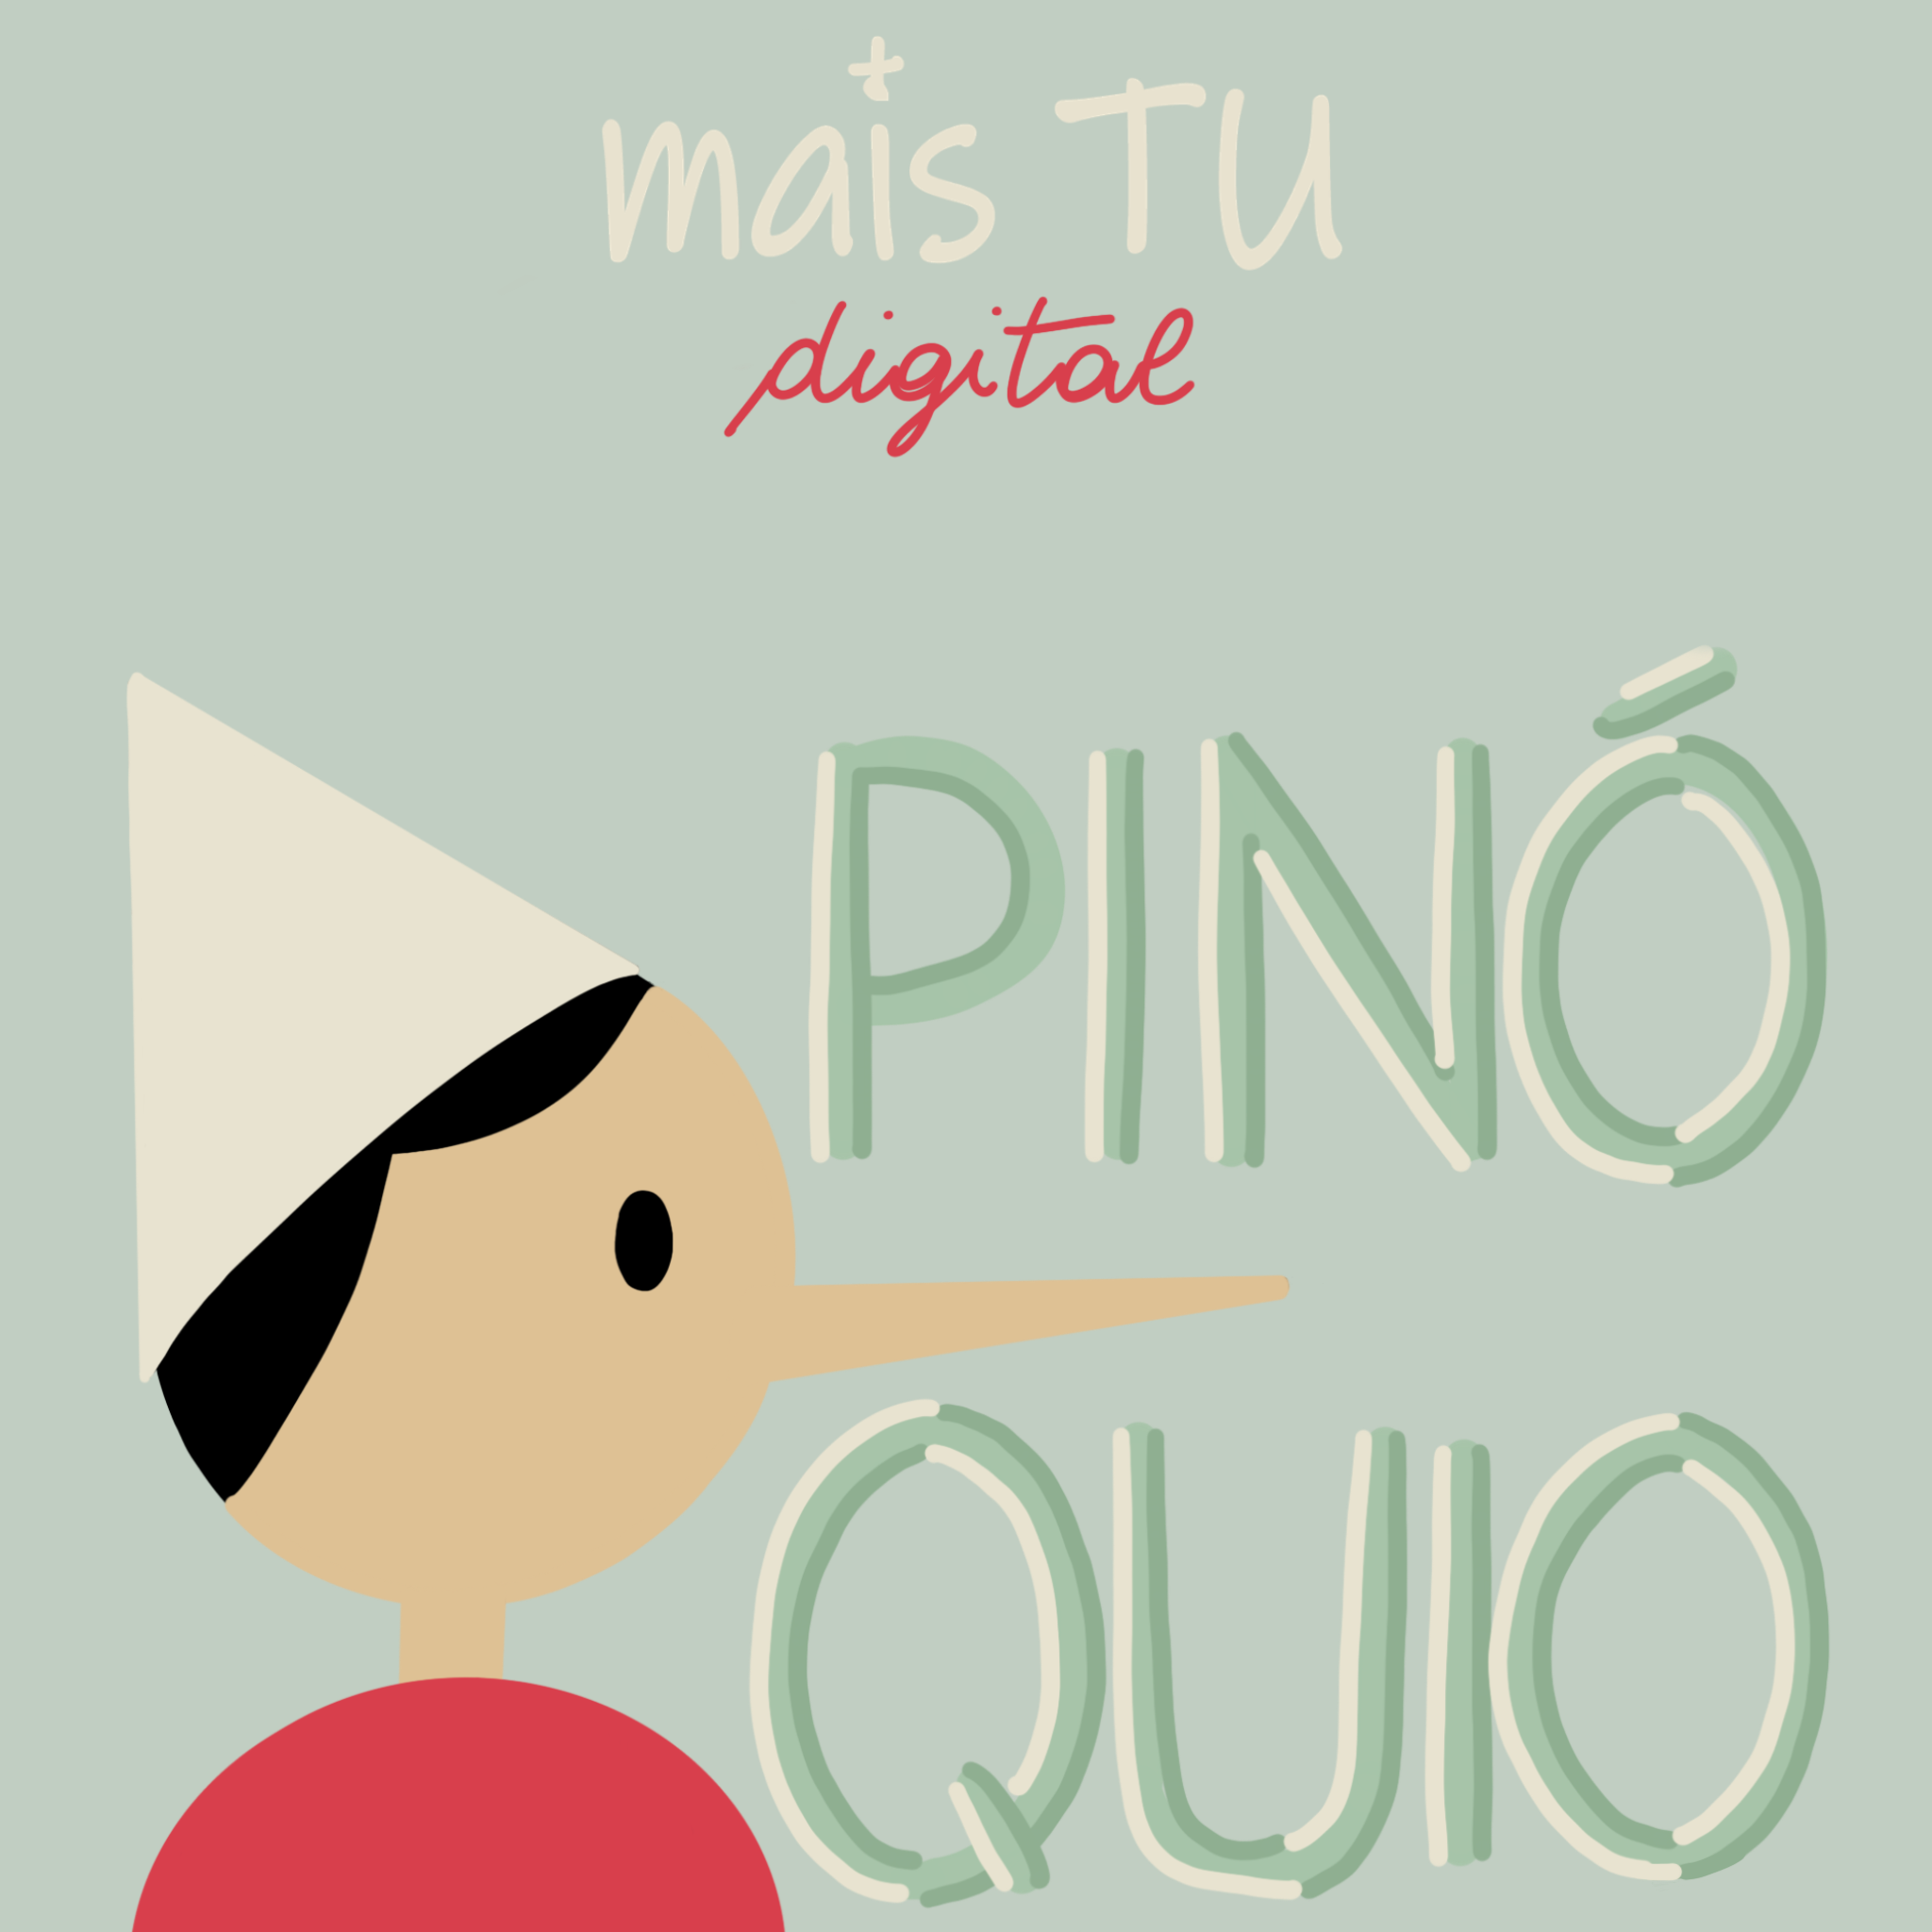 Pinóquio_capa